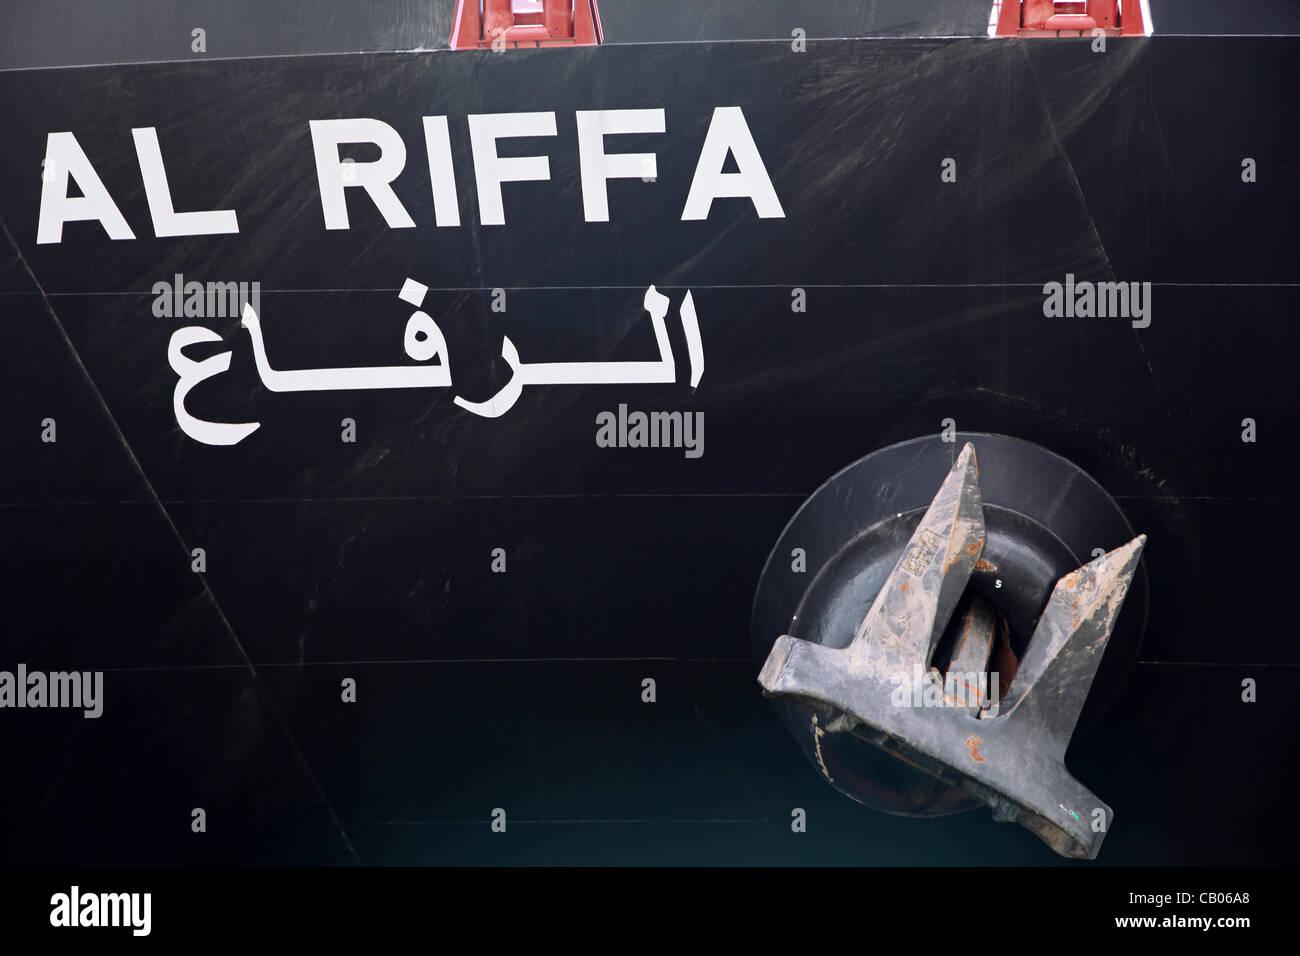 The brandnew container vessel Al Riffa (from arabian company